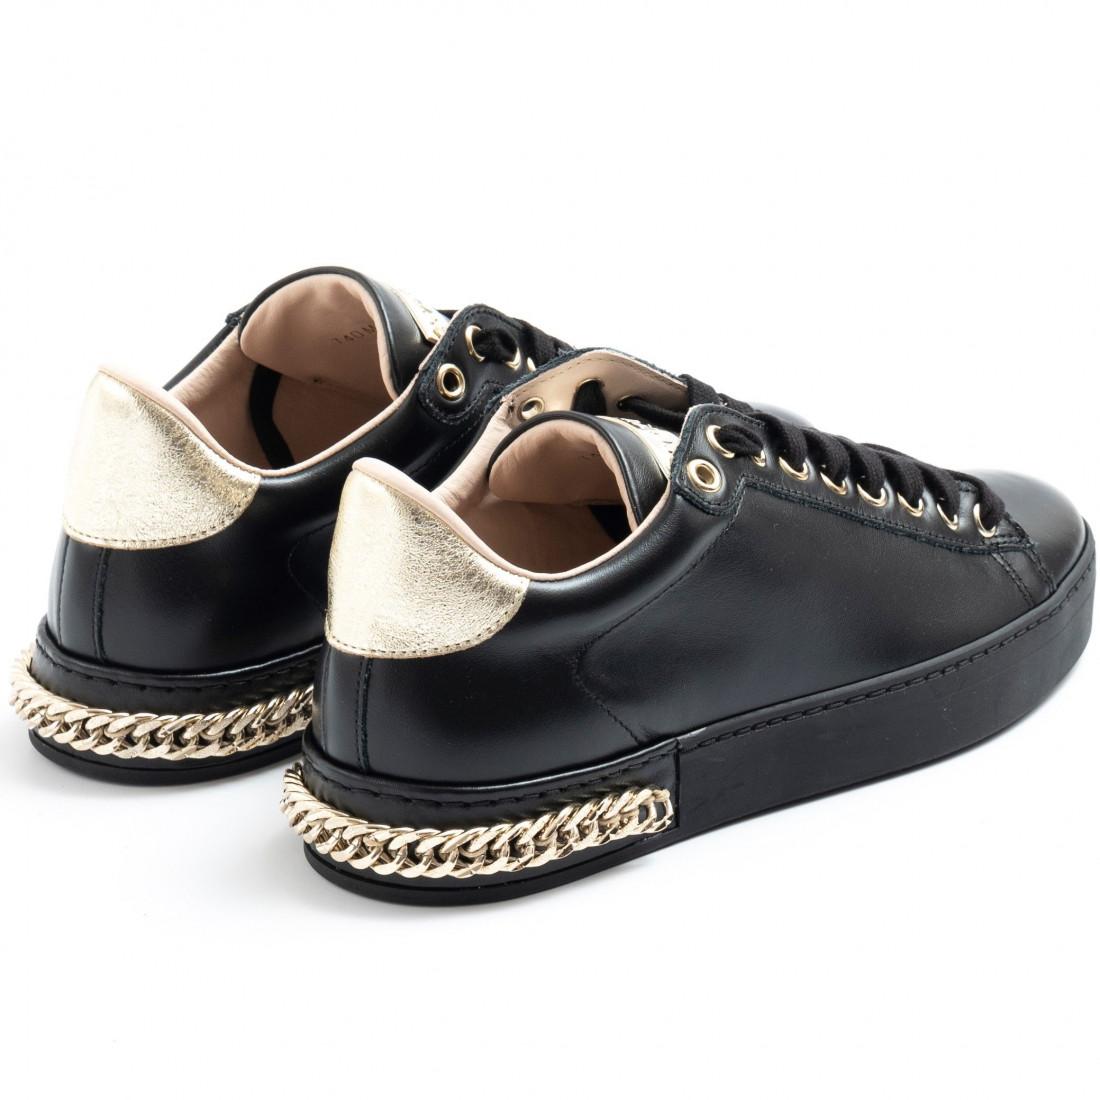 sneakers woman stokton 740dvit nero 7690